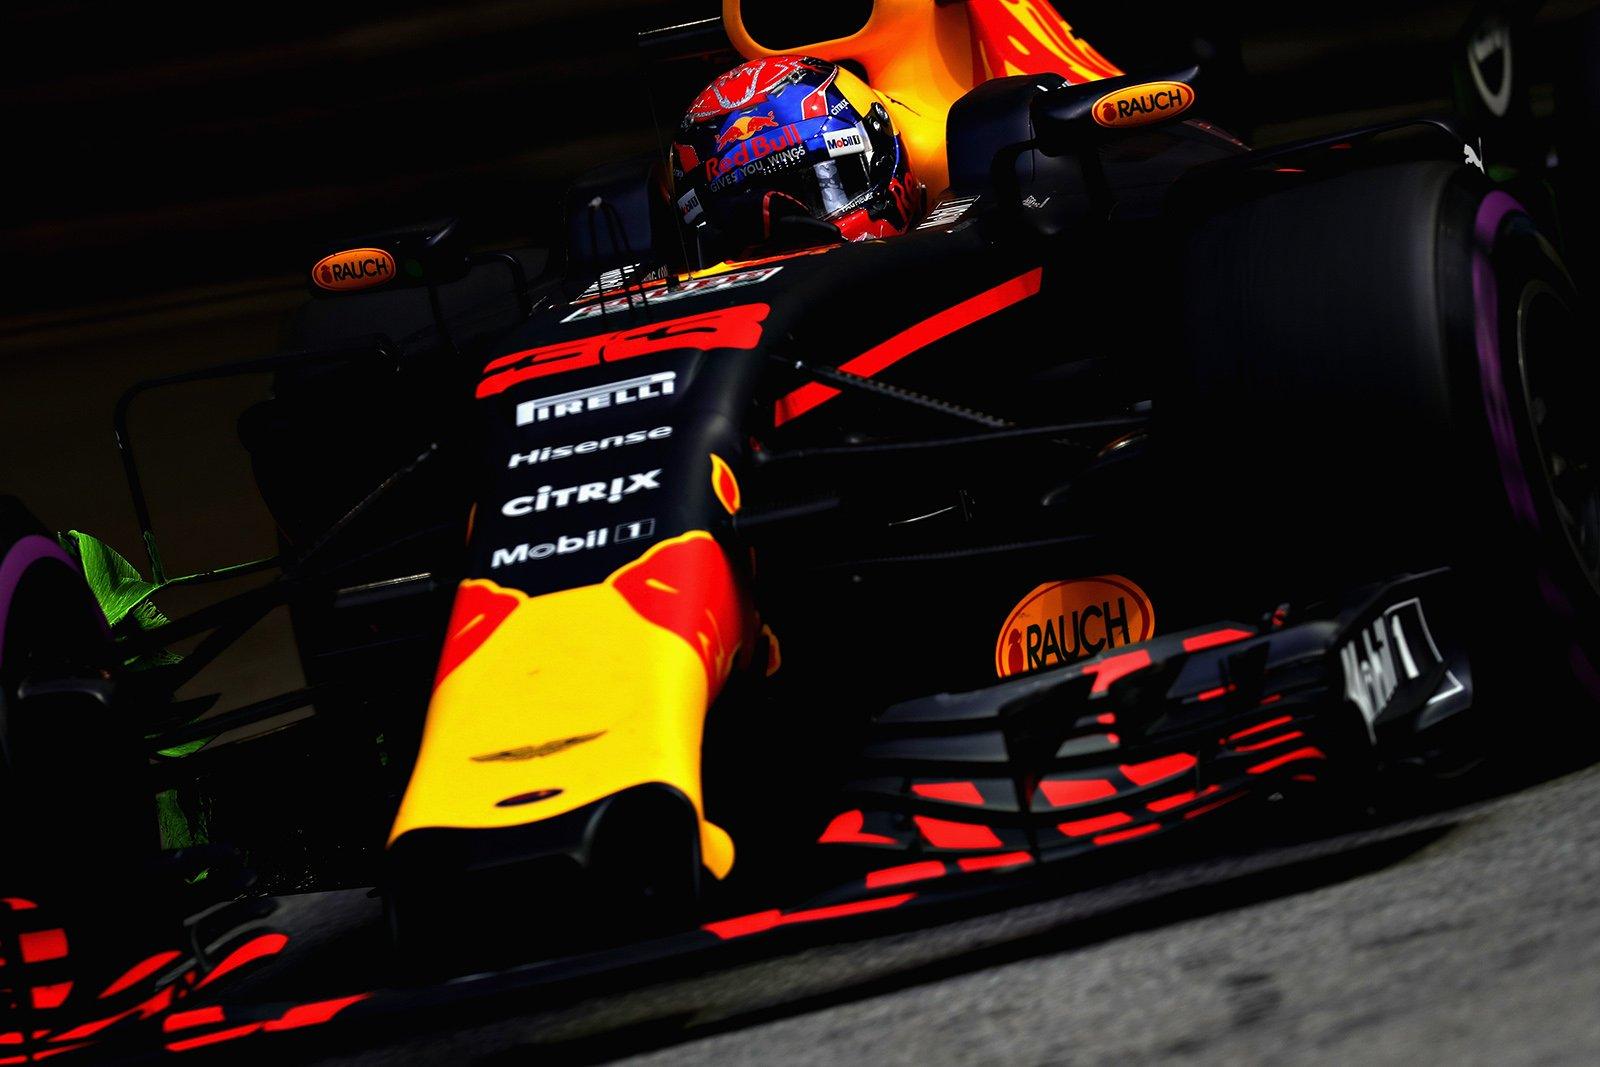 Хэмилтон одержал победу ночной Гран-при Сингапура